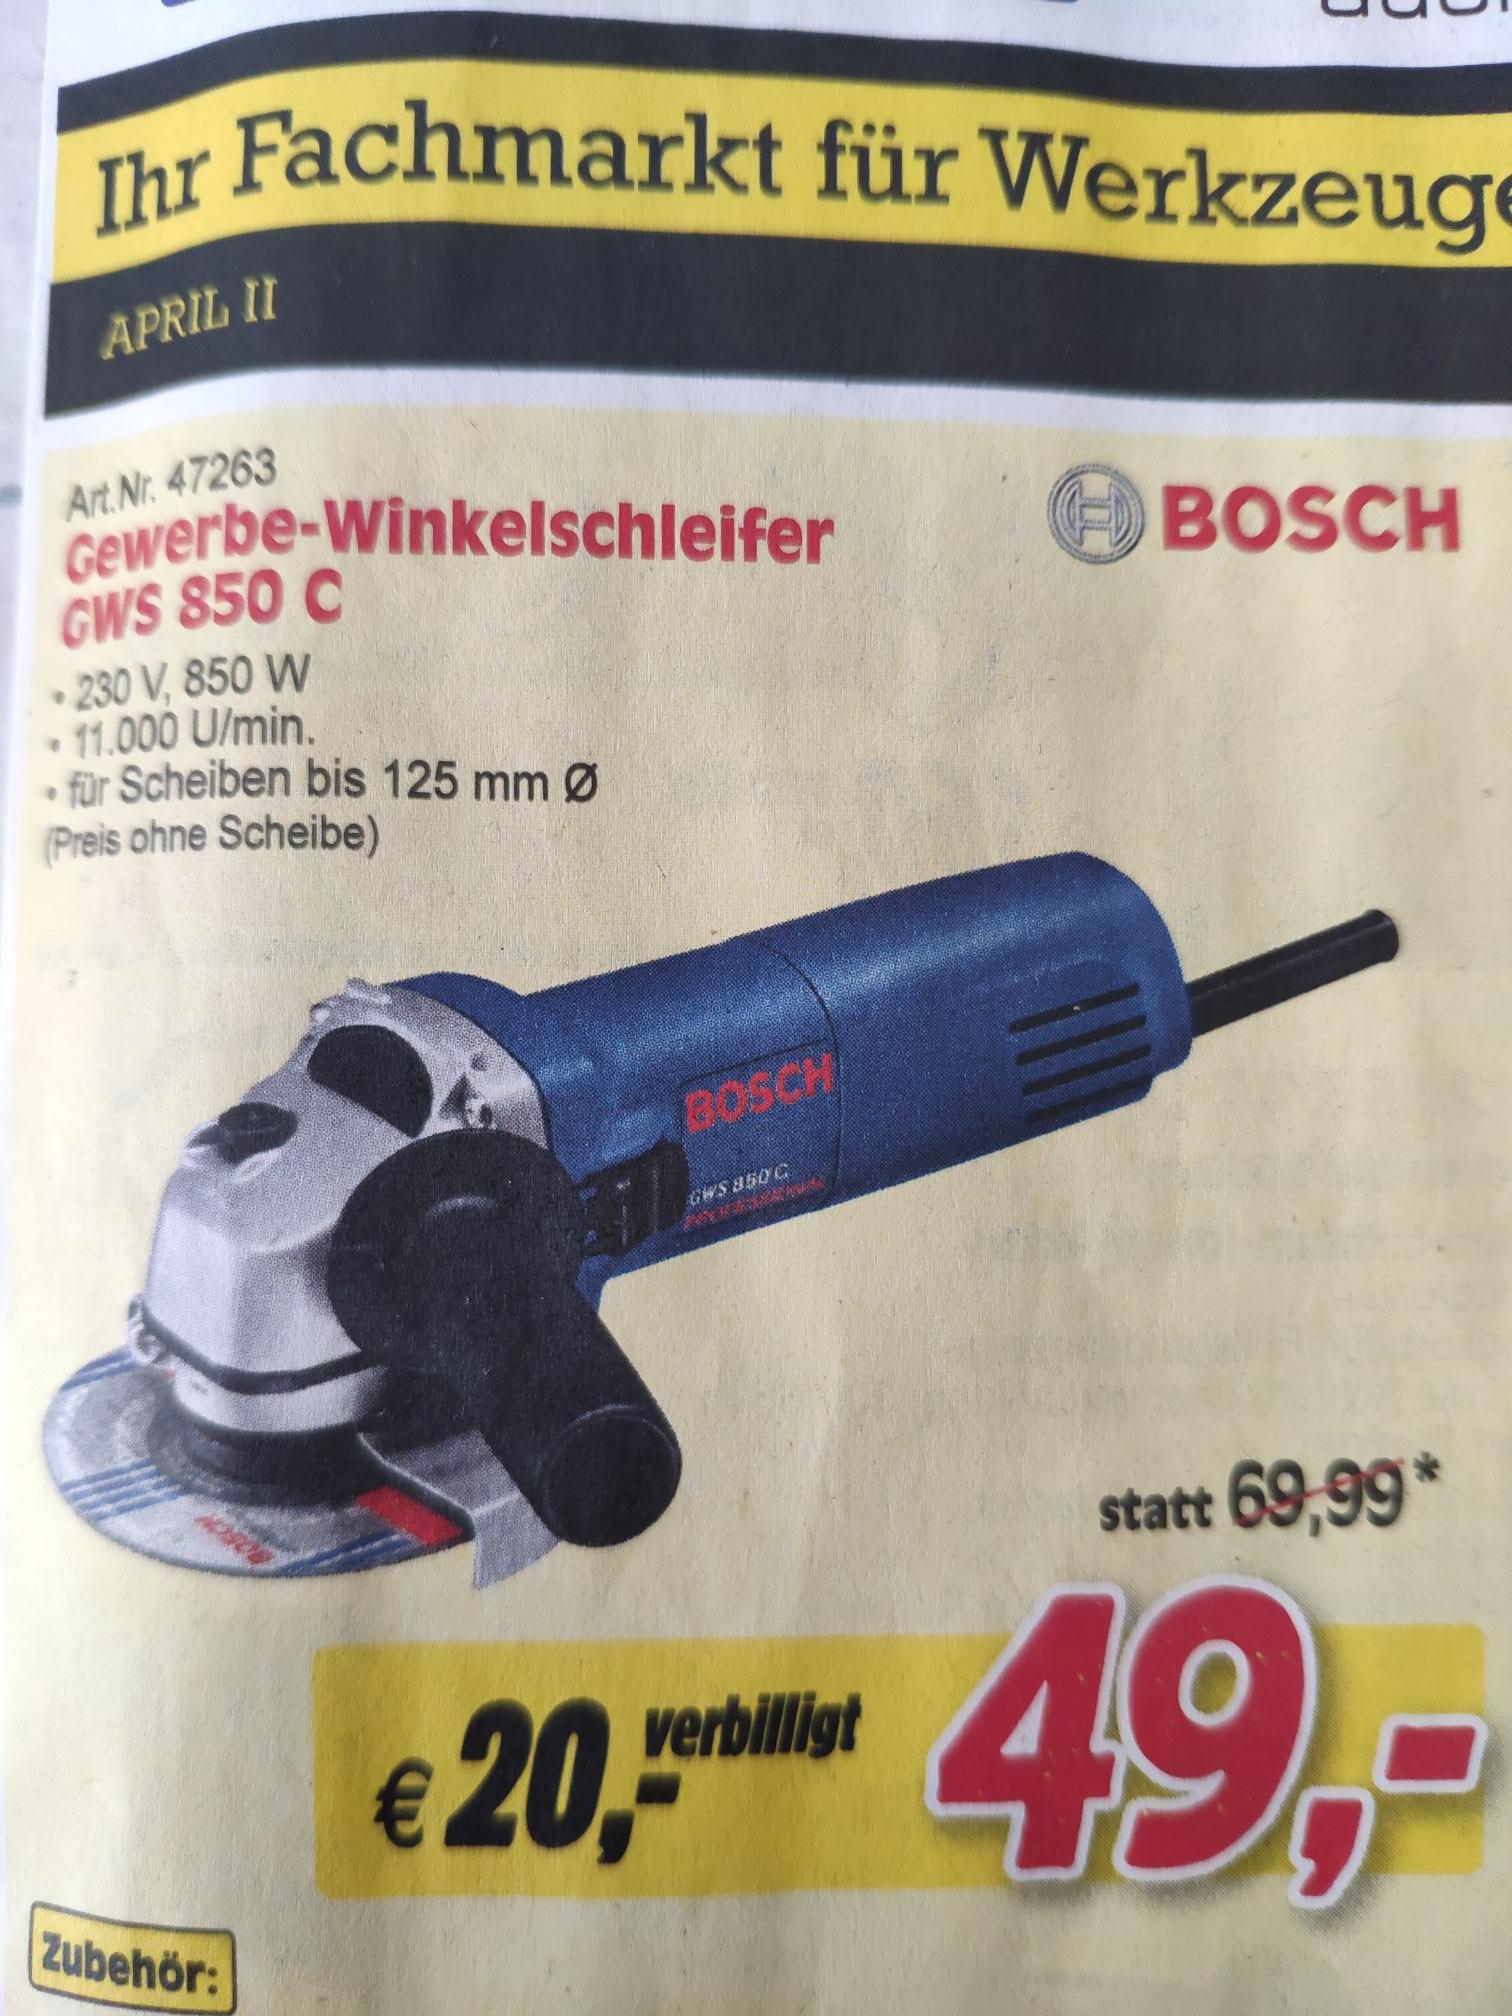 [AT] [ZGONC] Bosch Winkelschleifer GWS 850 C